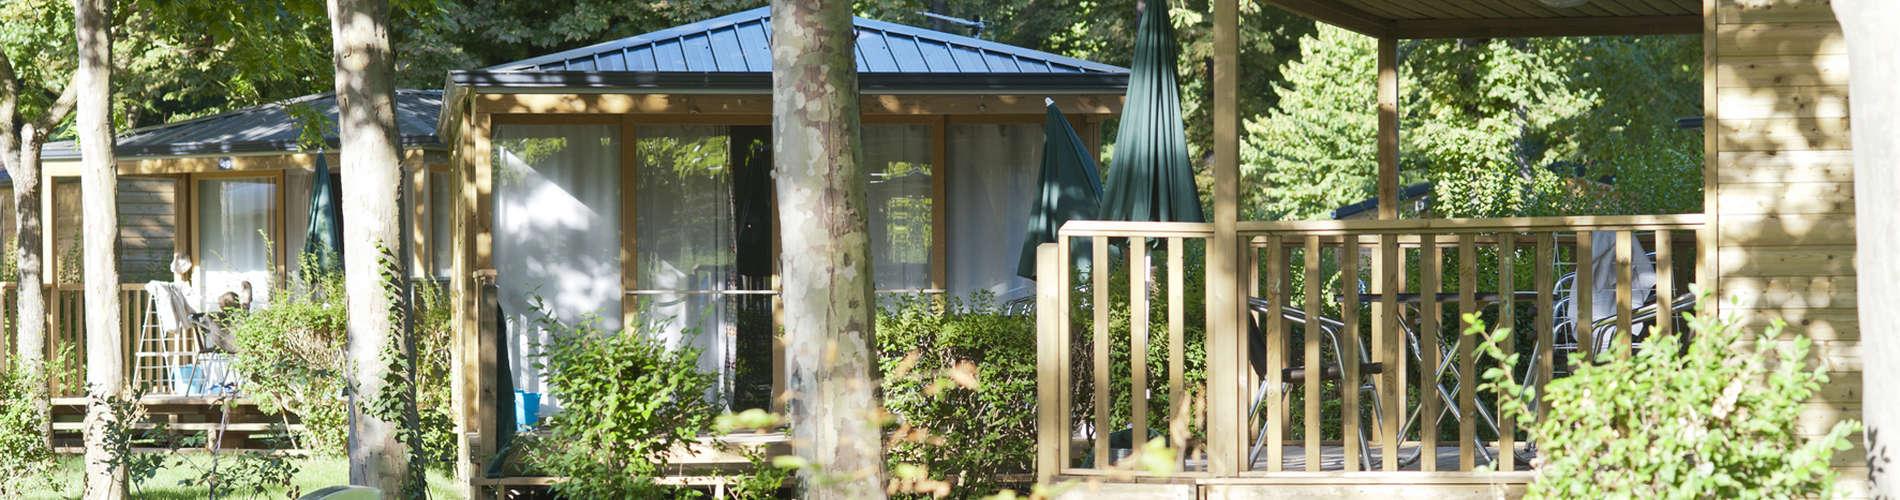 camping_paris_hebergements_cottage_plus_locatifs